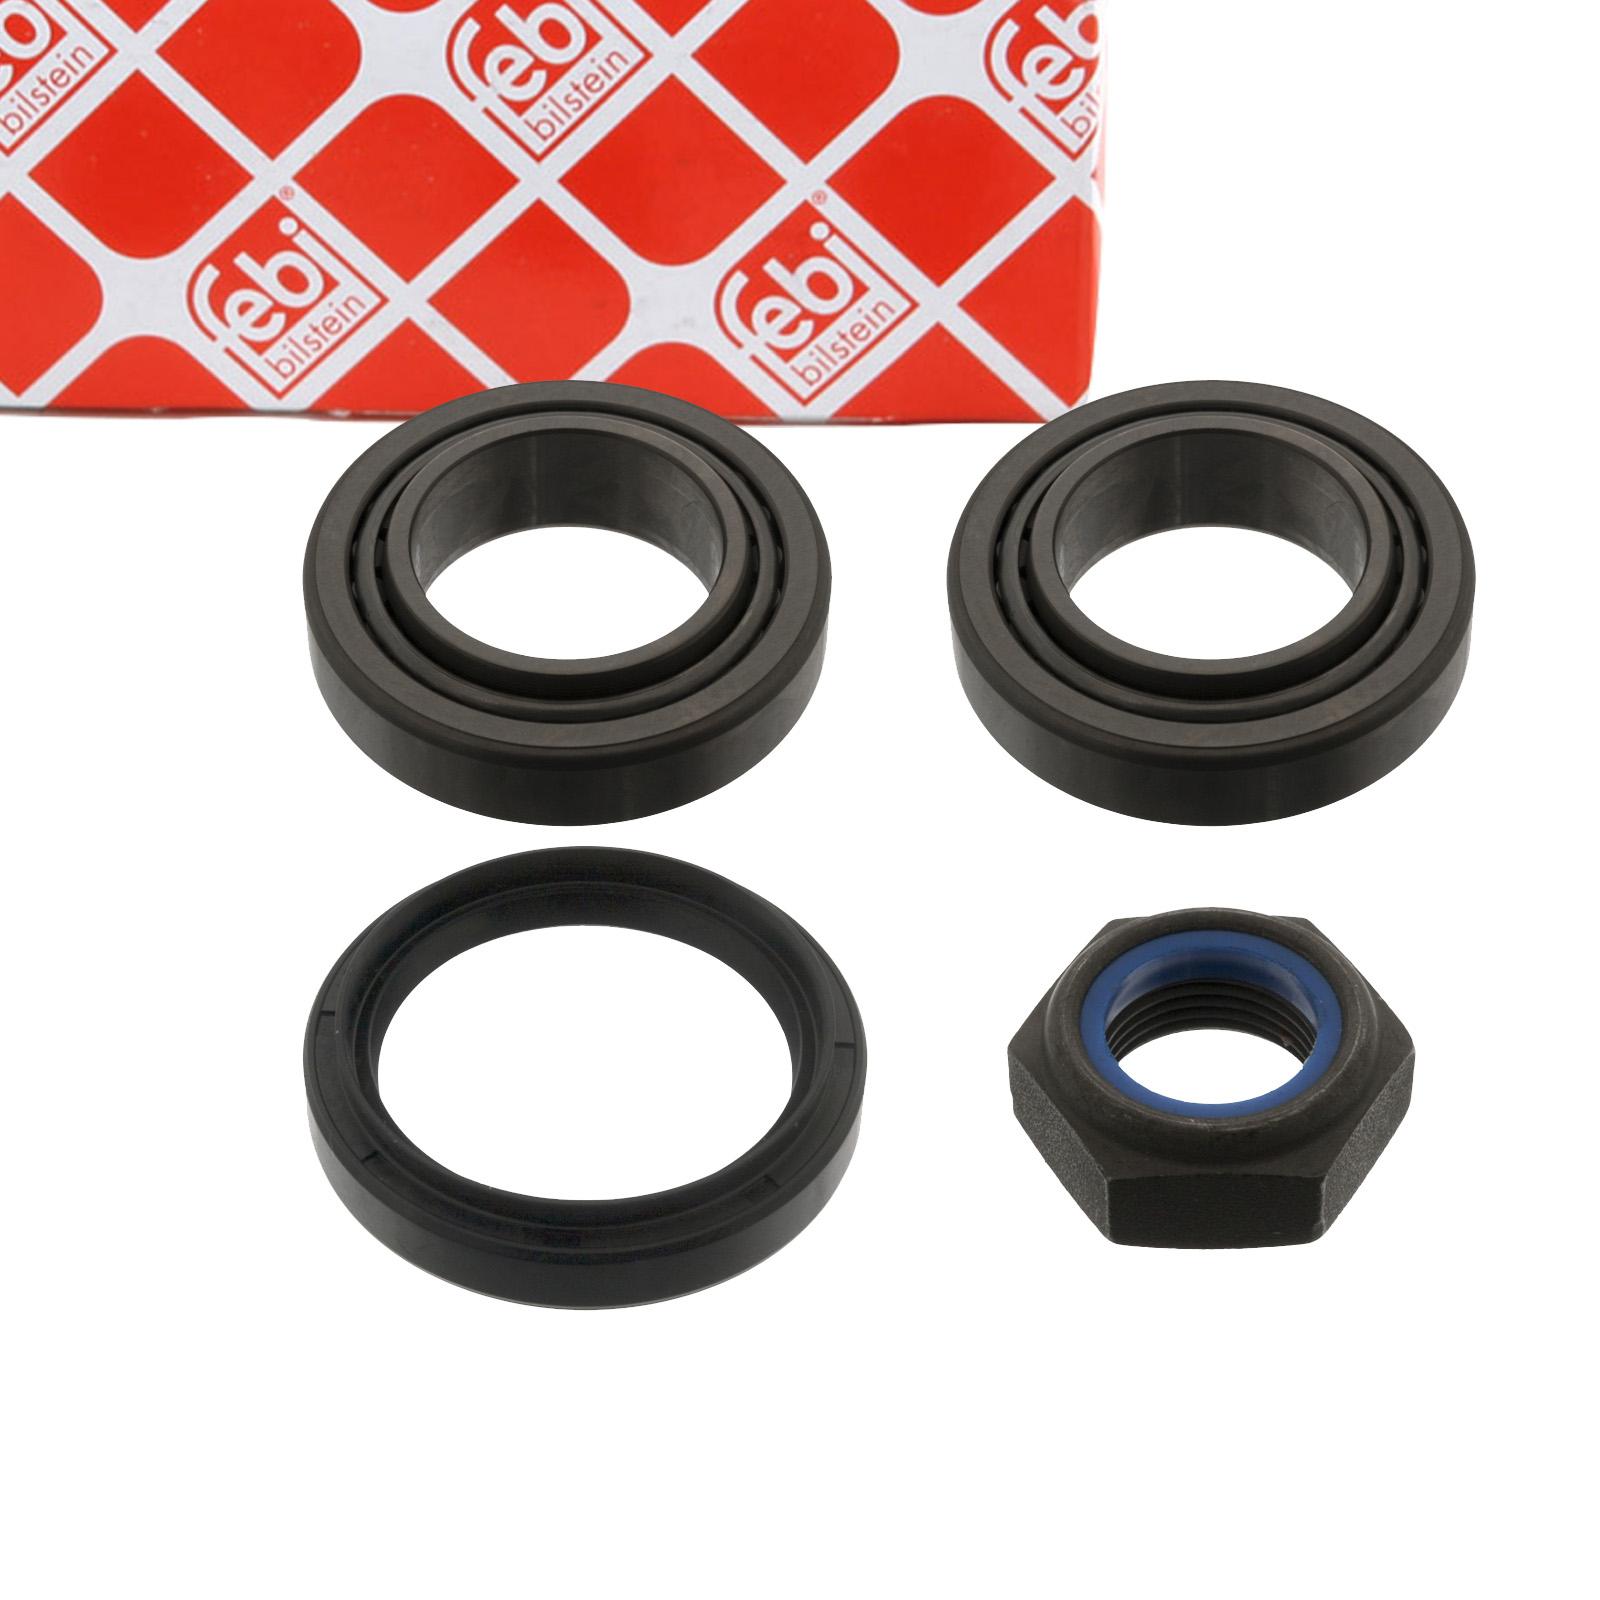 FEBI 05401 Radlagersatz Radlager FORD Sierra 1.6-2.9i / 2.3 D vorne rechts 5010762